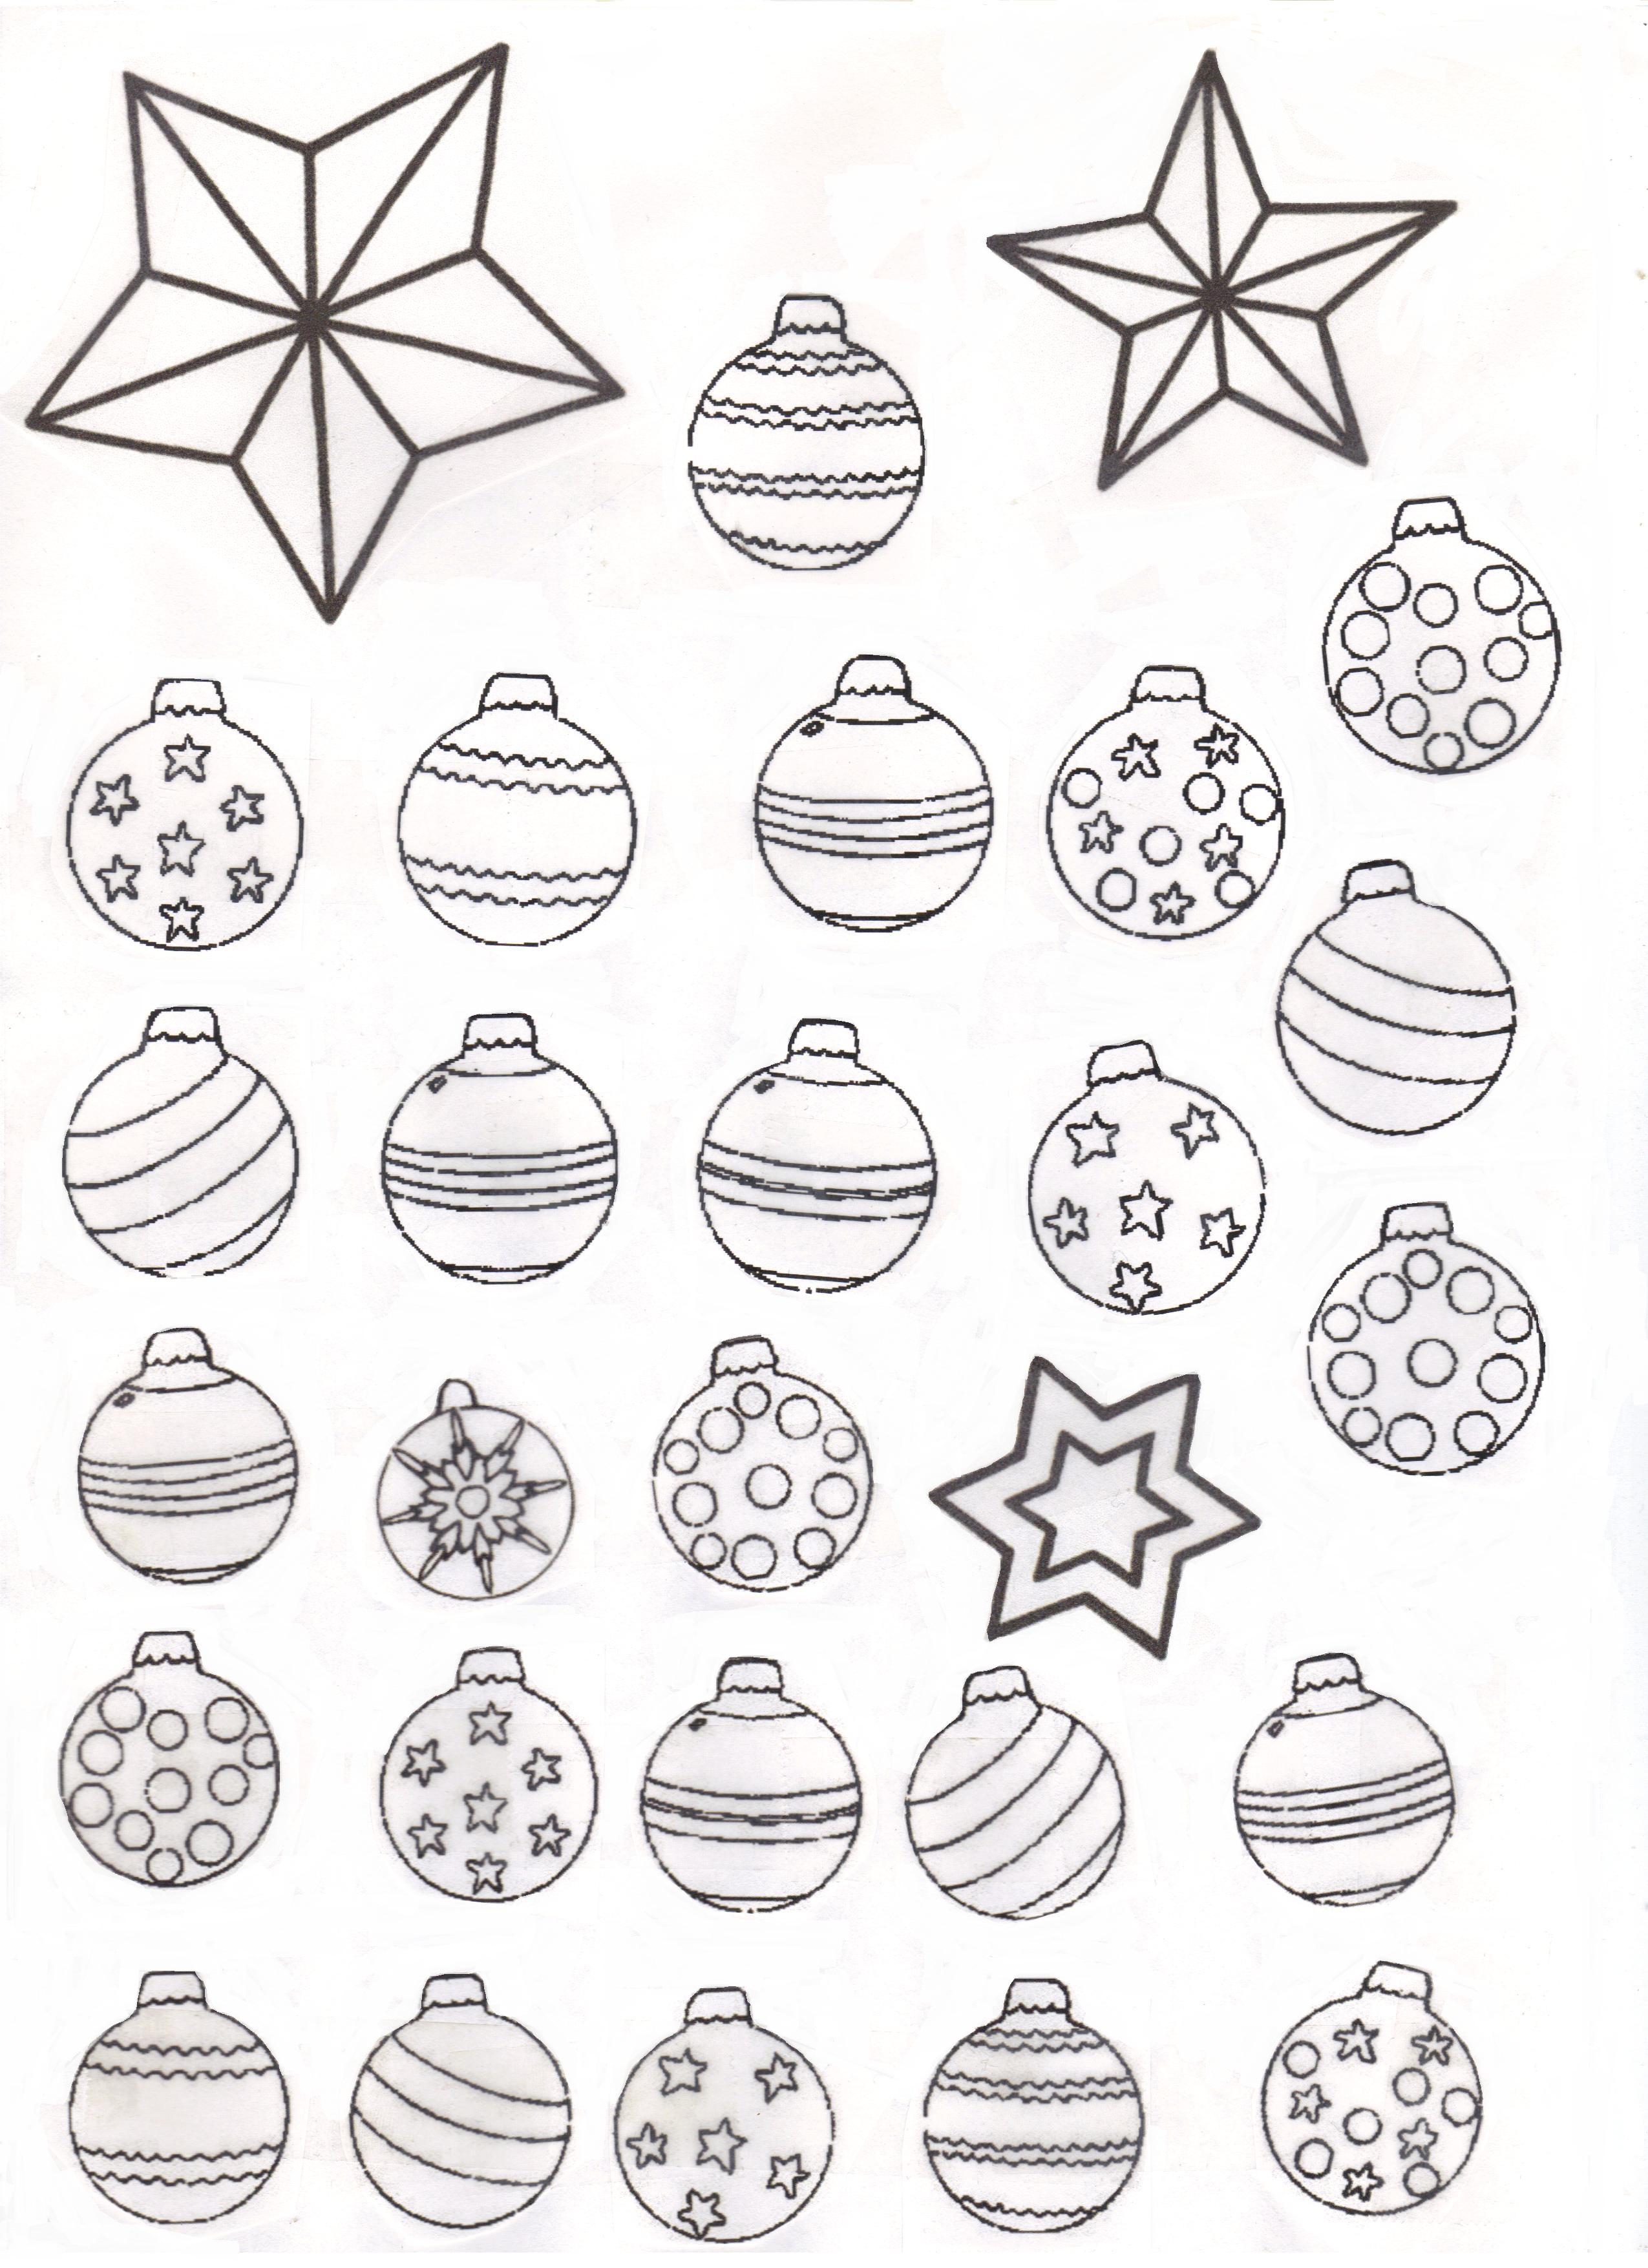 dessin à colorier boule de noel gratuit à imprimer